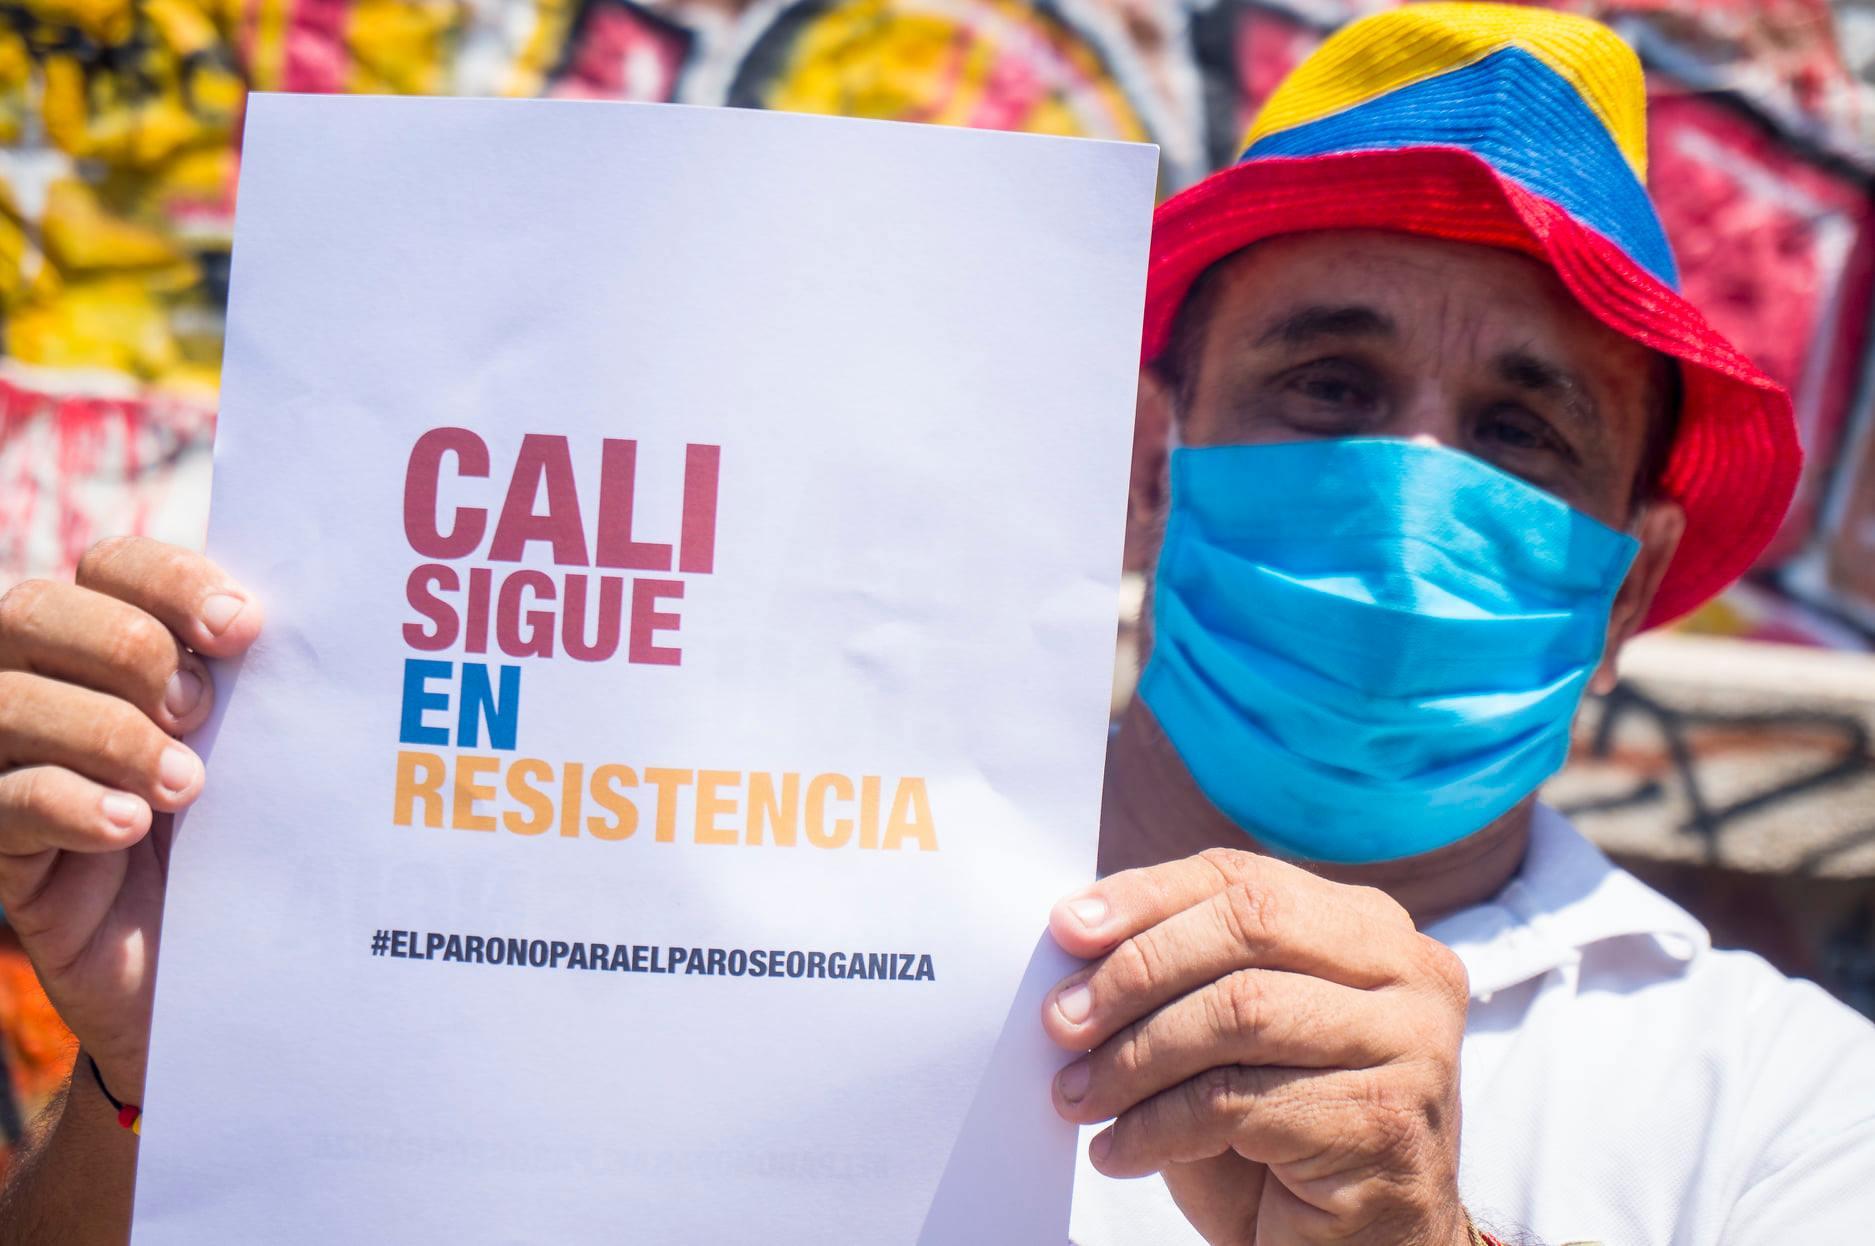 """Puede ser una imagen de 1 persona, de pie, al aire libre y texto que dice """"CALI SIGUE EN RESISTENCIA #ELPARONOPARAELPAROSEORGANIZA"""""""